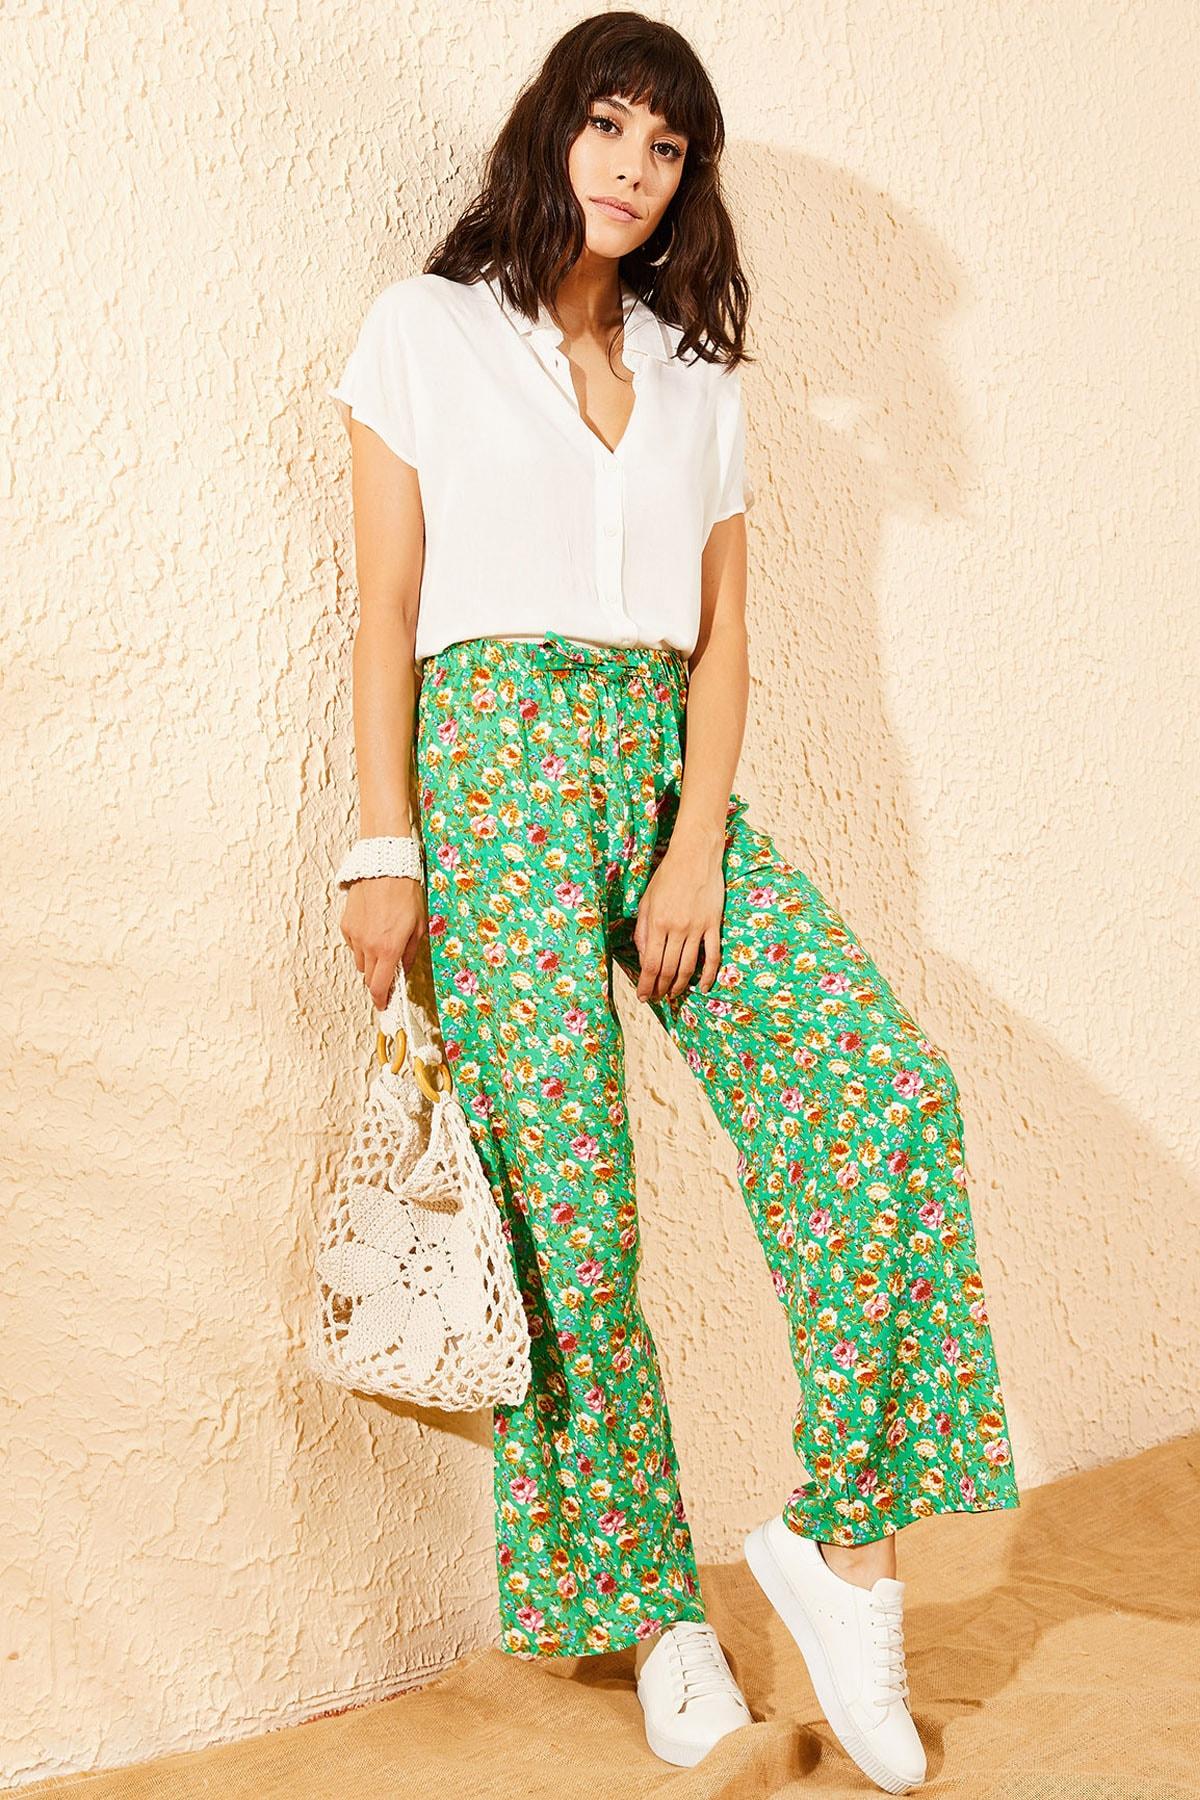 Bianco Lucci Kadın Yeşil Çiçek Desenli Beli Lastikli Bol Paça Pantolon 10081051 0